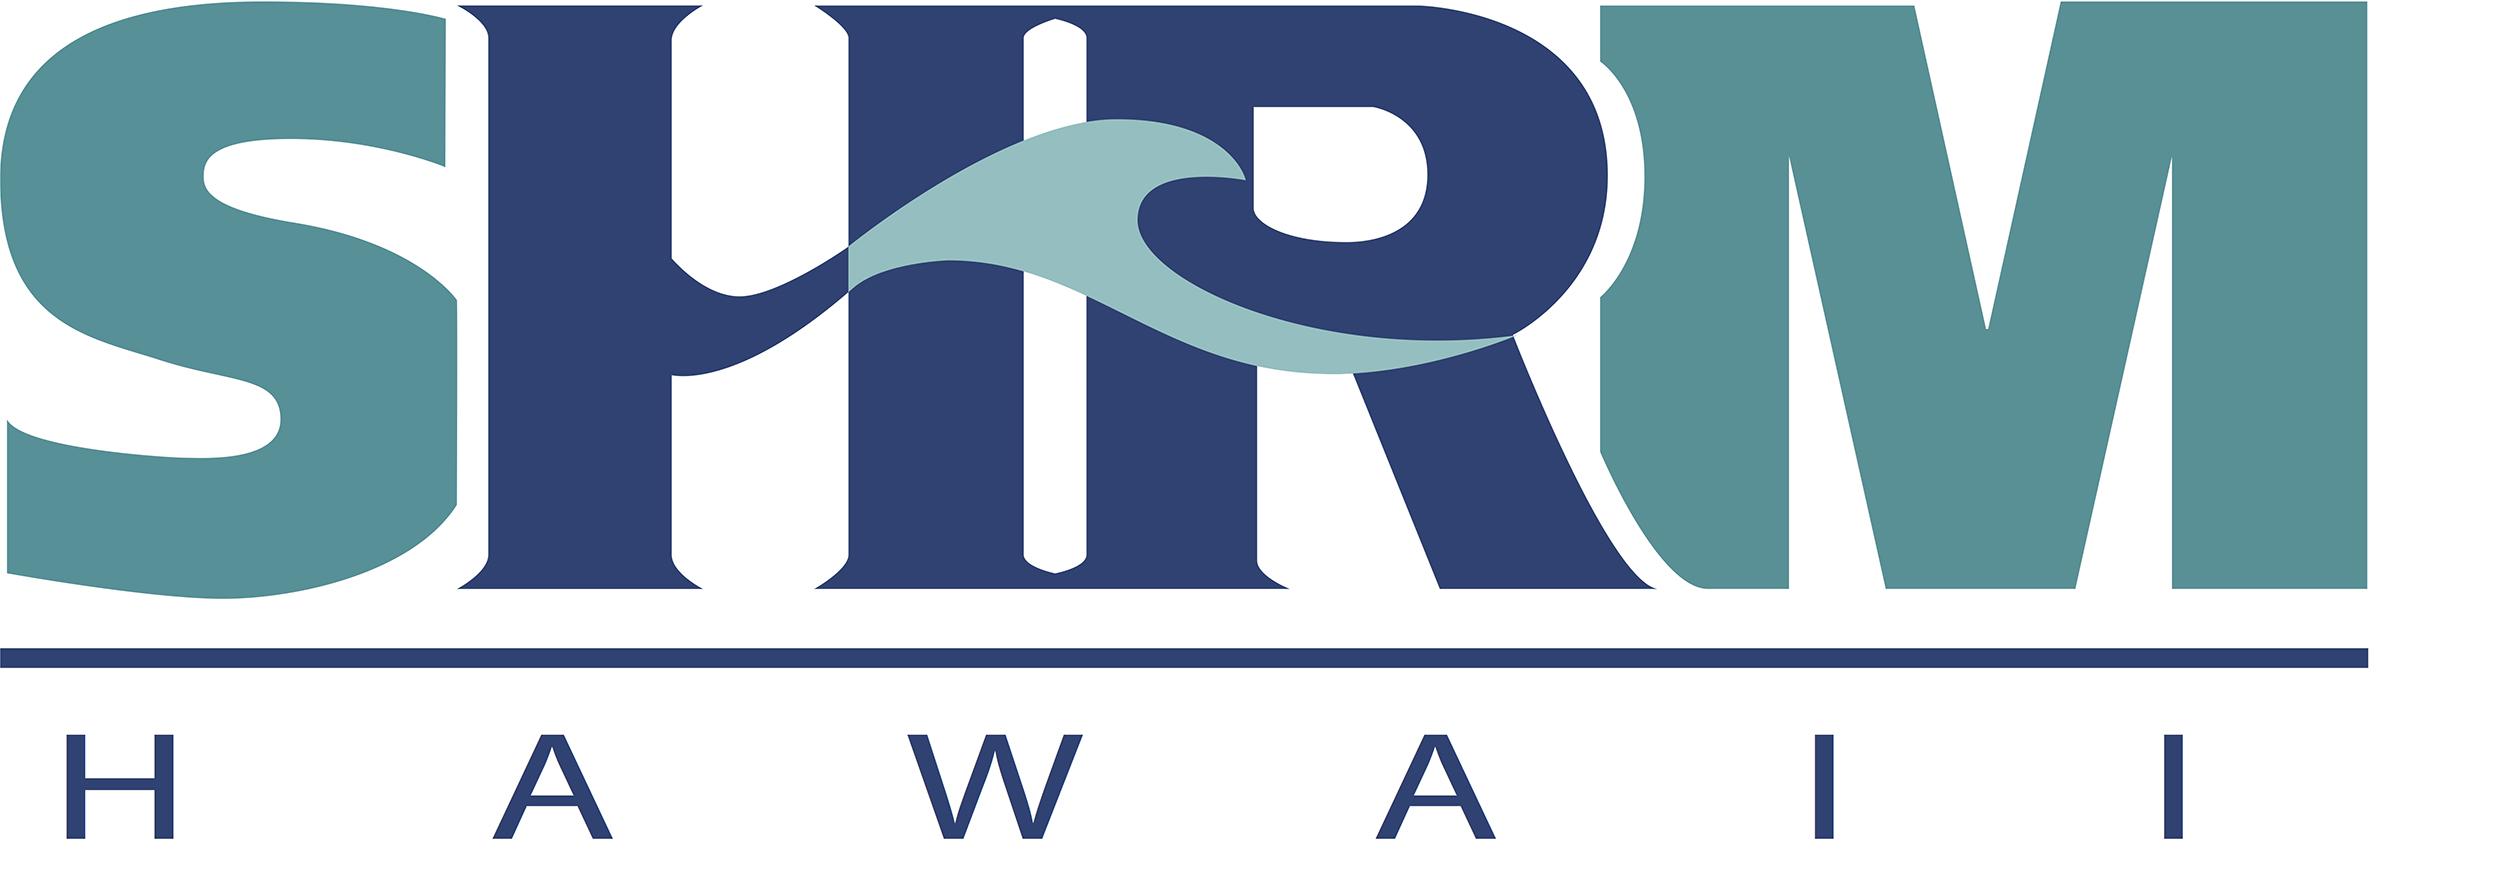 SHRM Hawaii logo